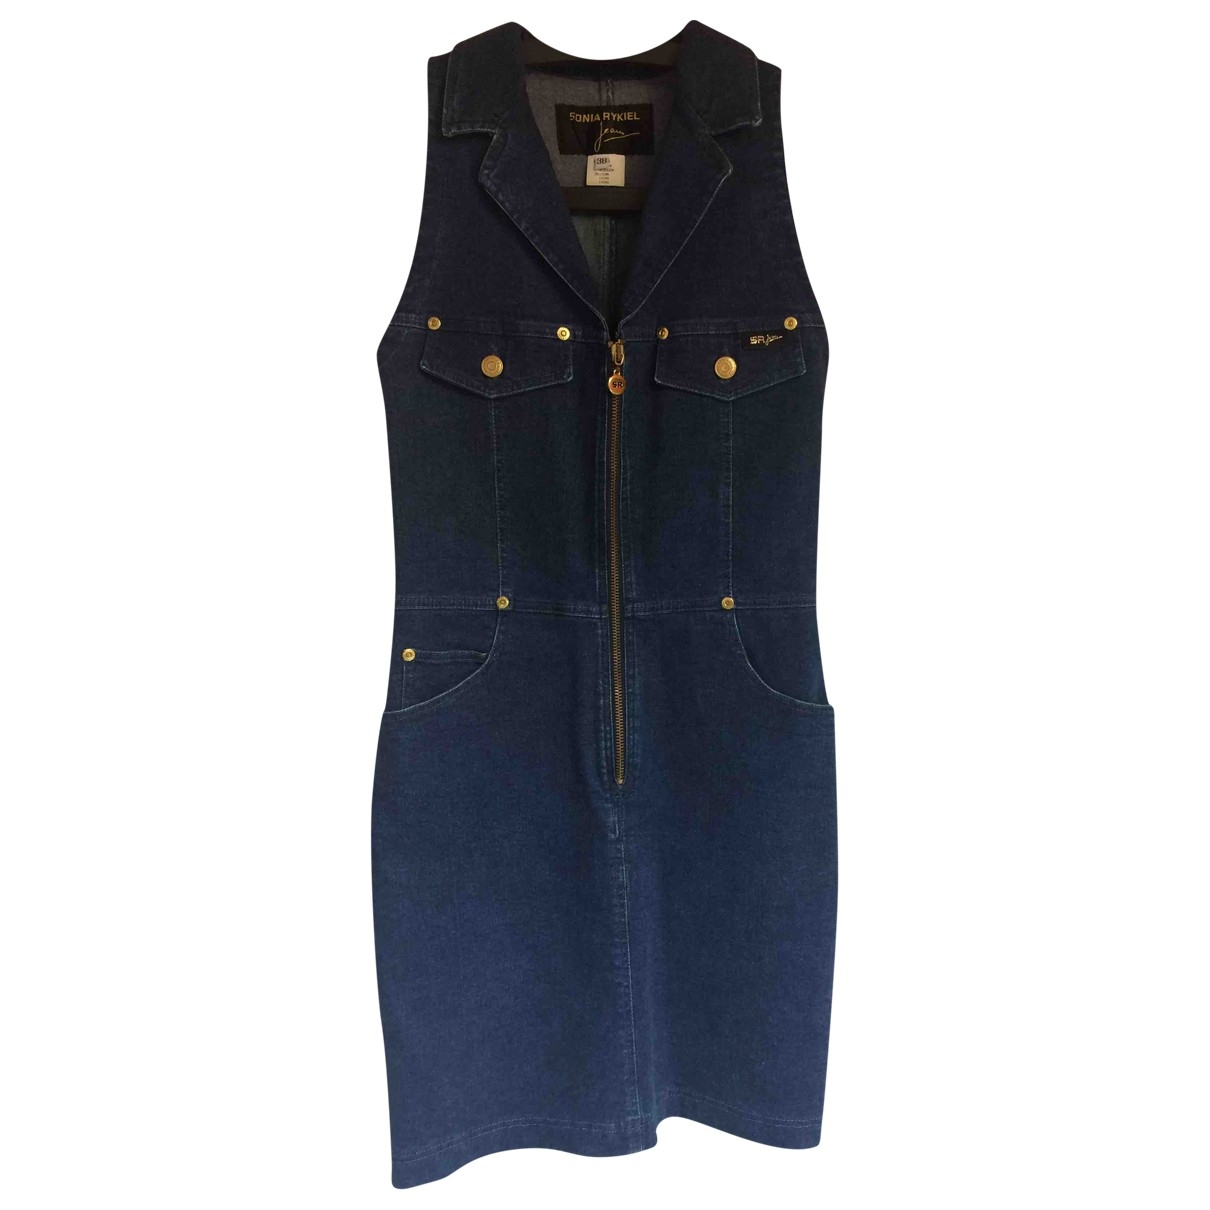 Sonia Rykiel \N Kleid in  Blau Denim - Jeans